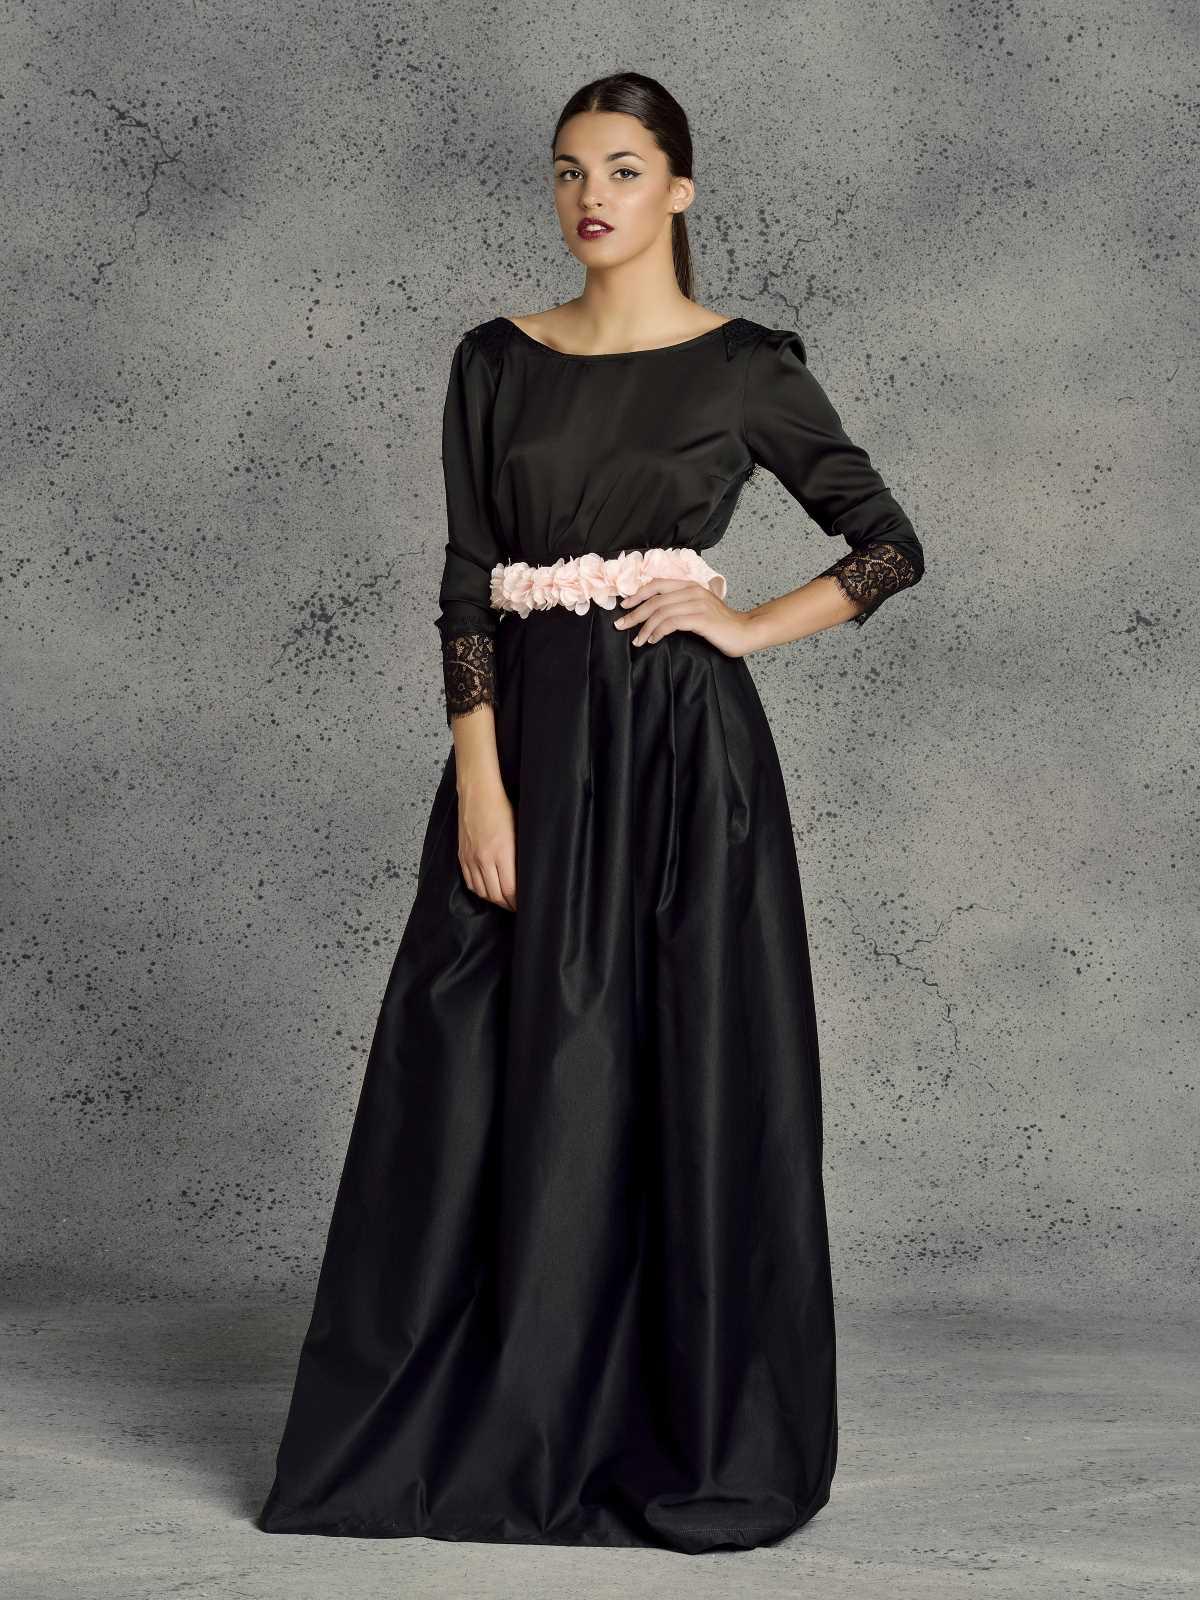 blusa de mujer color negro para fiesta de noche